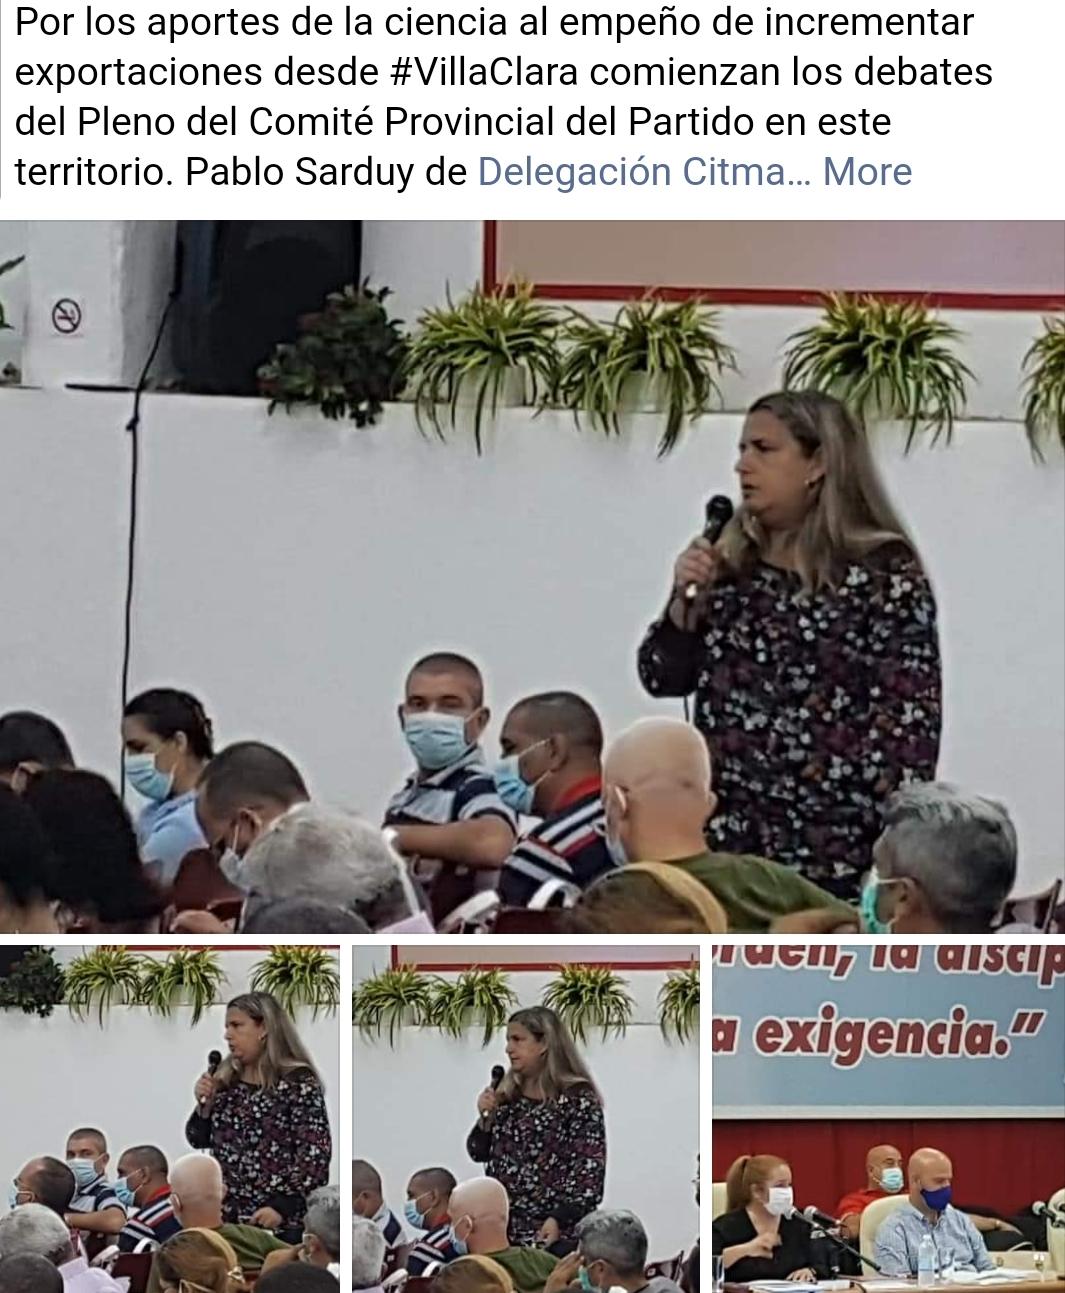 Yanet Sarabia